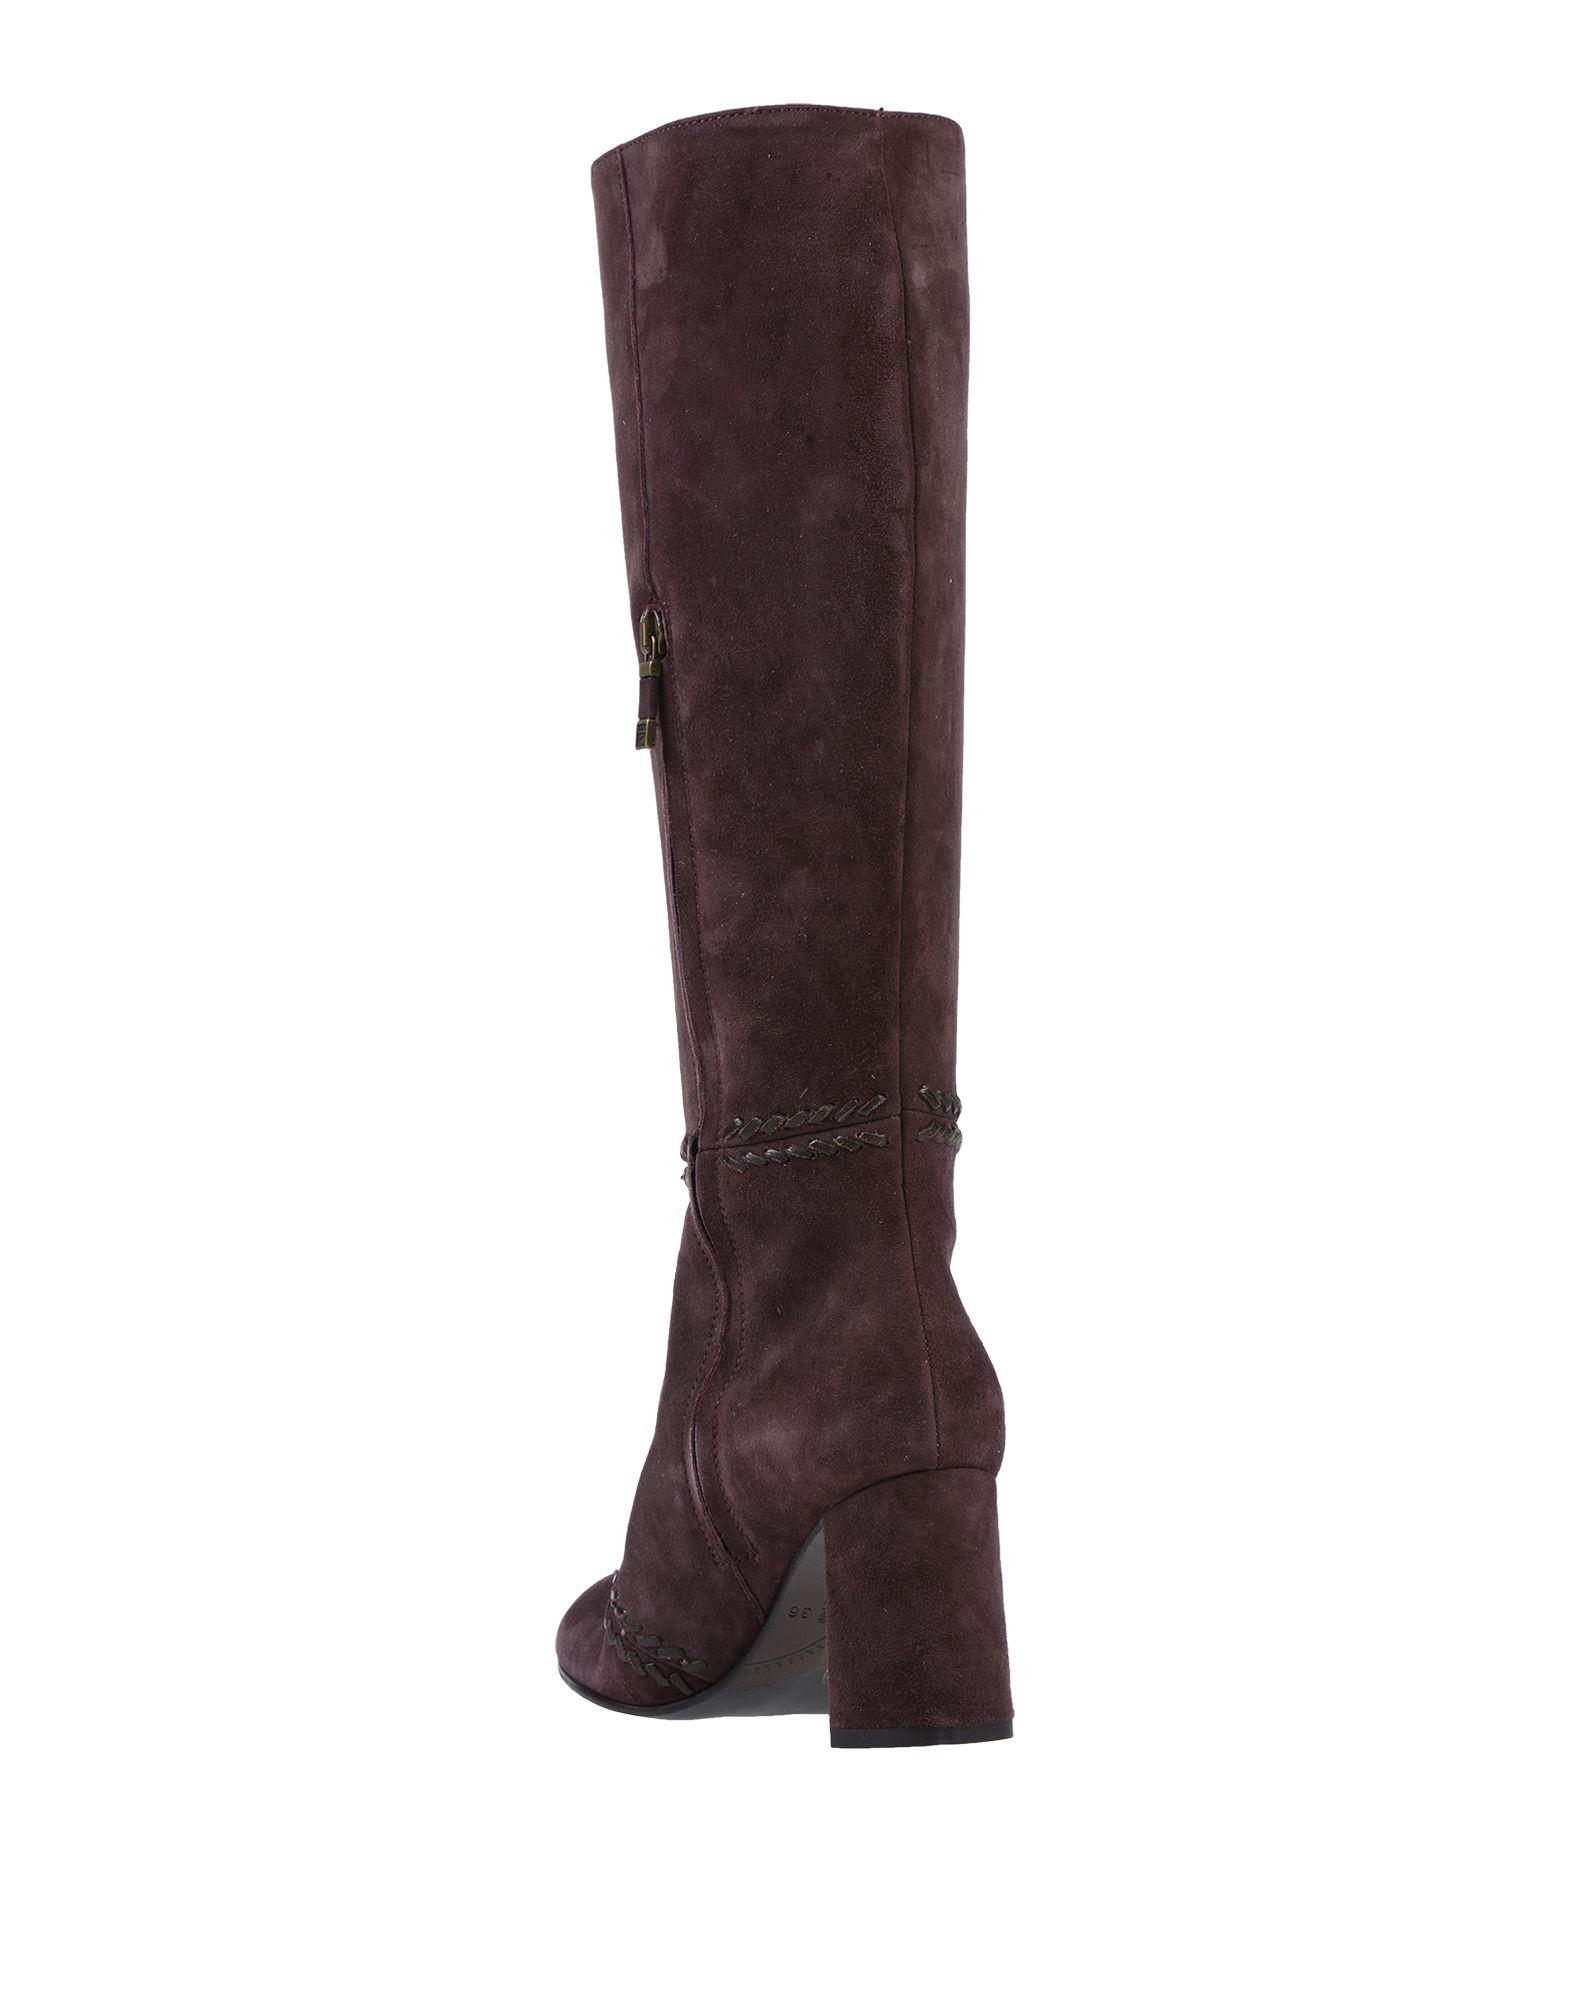 Stilvolle billige Schuhe Damen Alberto Fermani Stiefel Damen Schuhe  11560507HN 8d8e5e